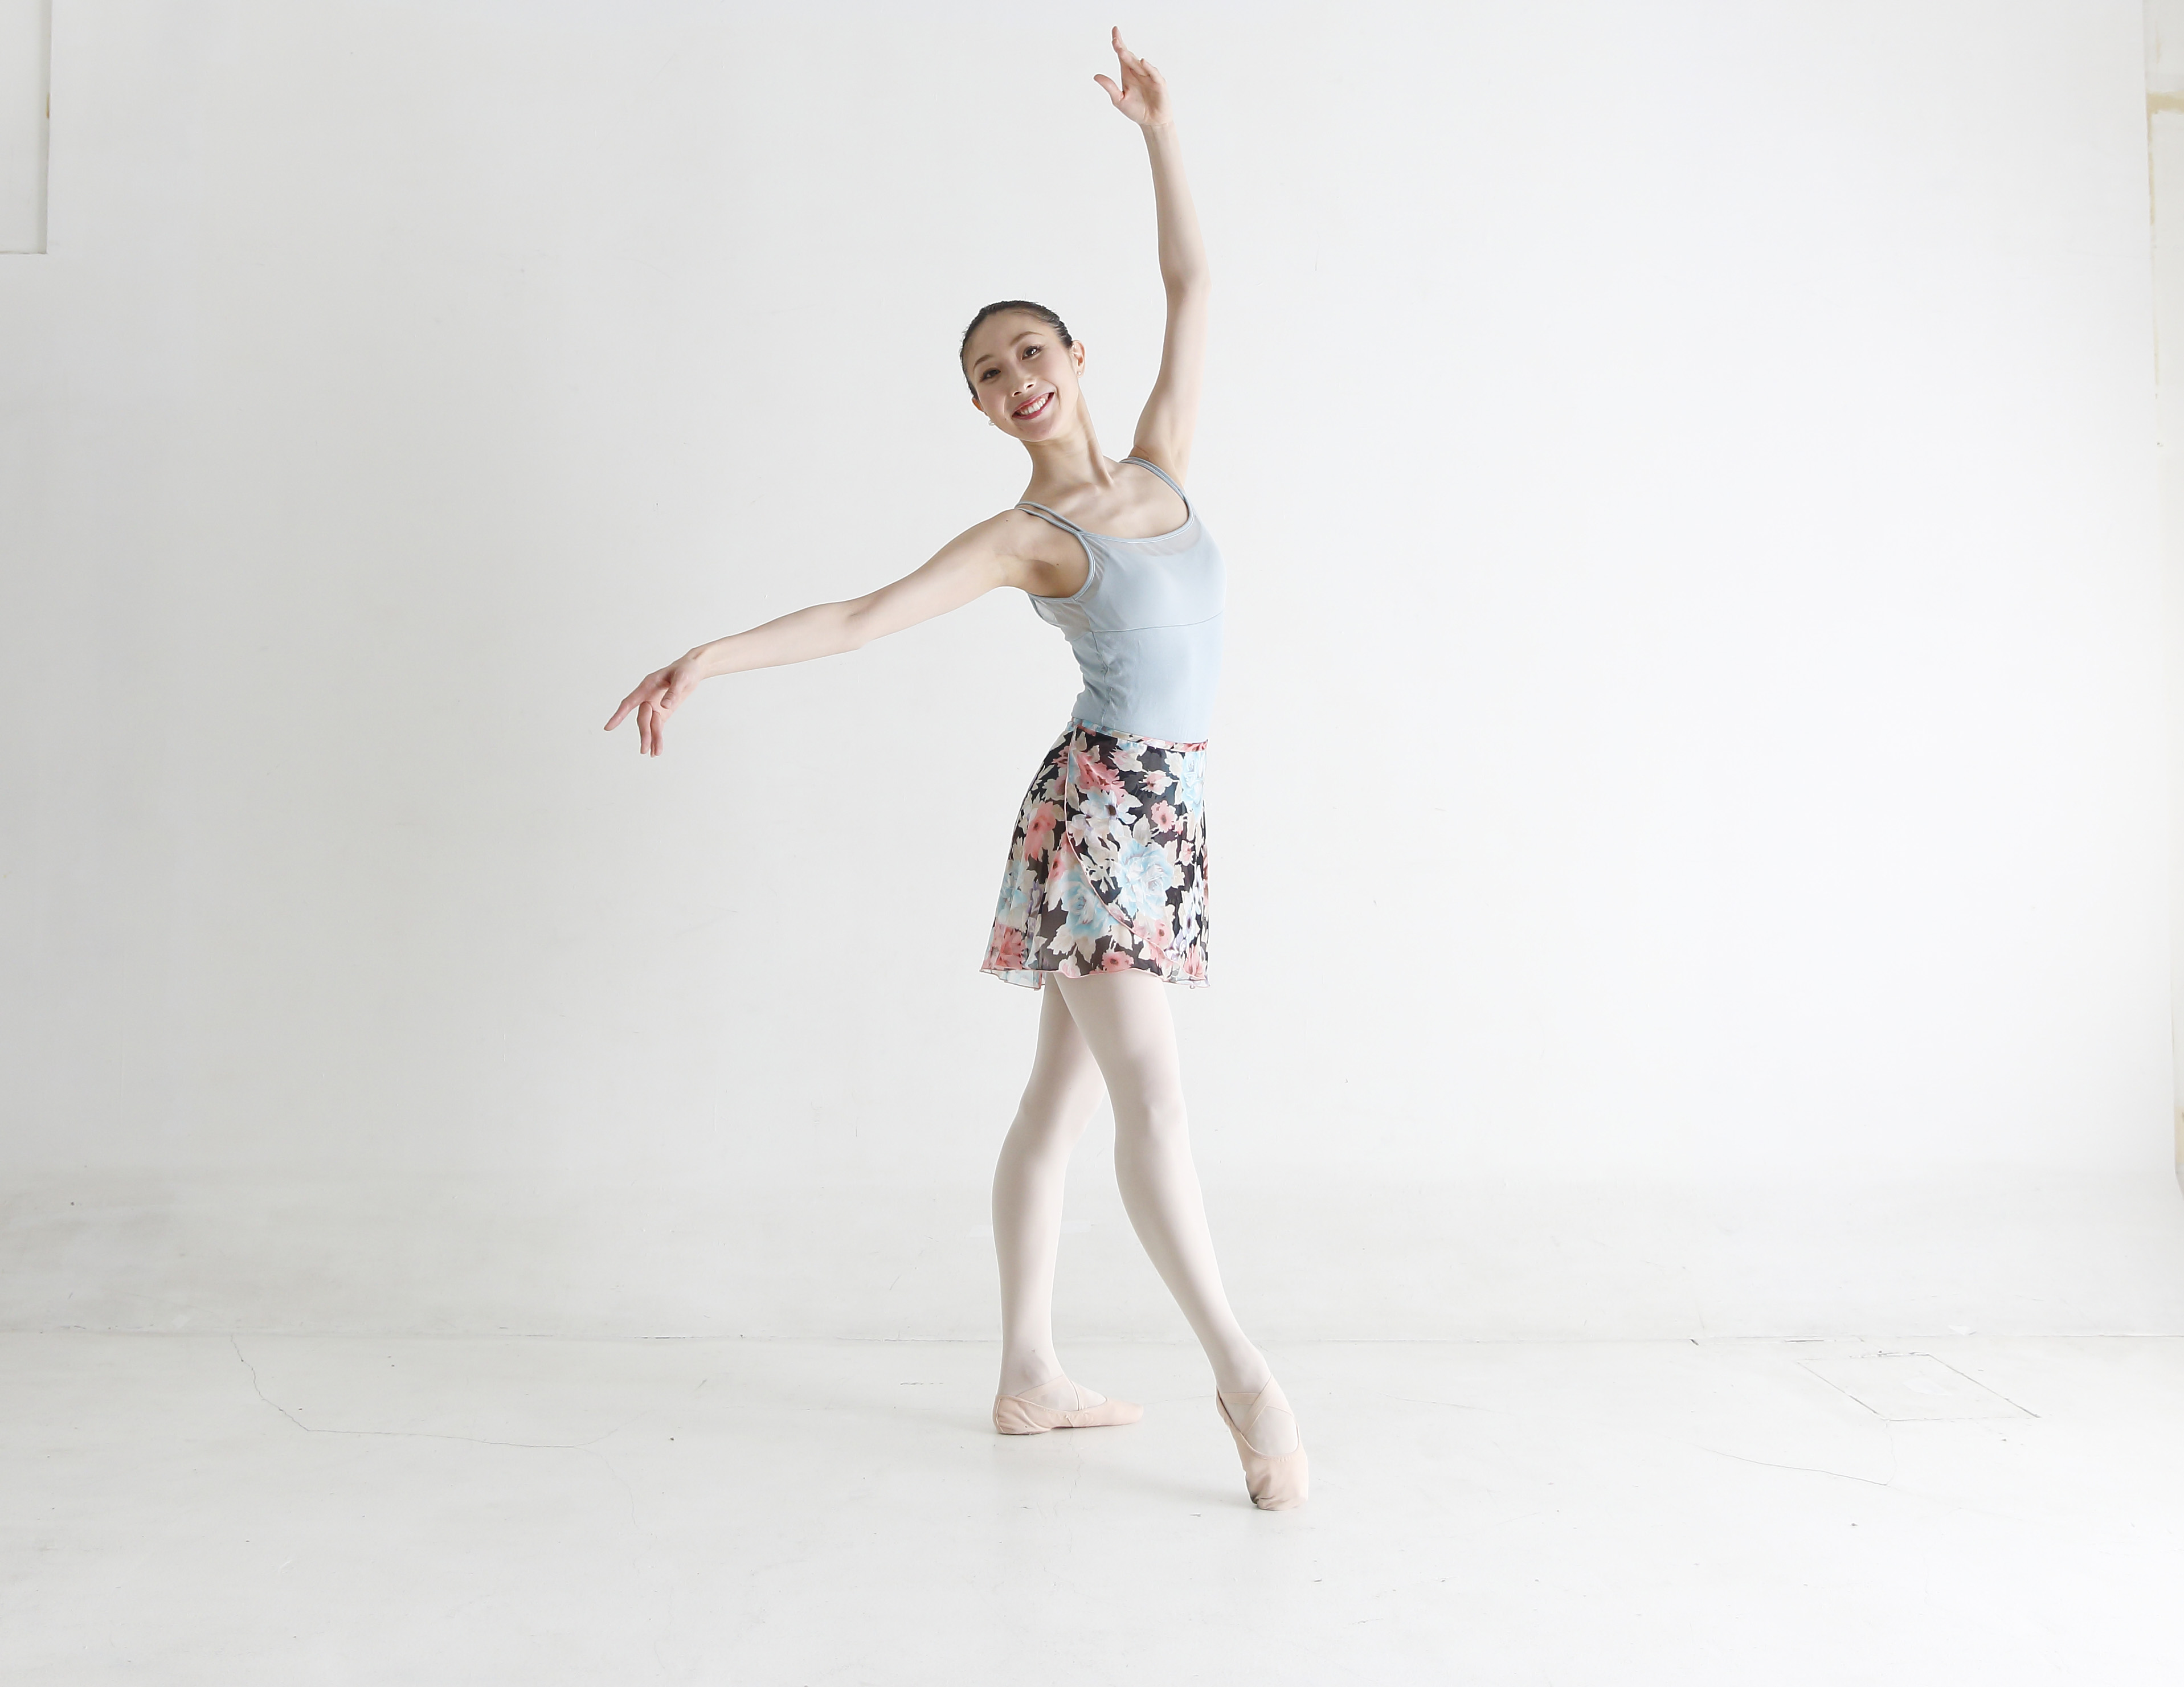 9月18日(月・祝)・29日(金)バレエを始めたいあなたはチャンス!気軽に受けられる体験レッスン会が開催!